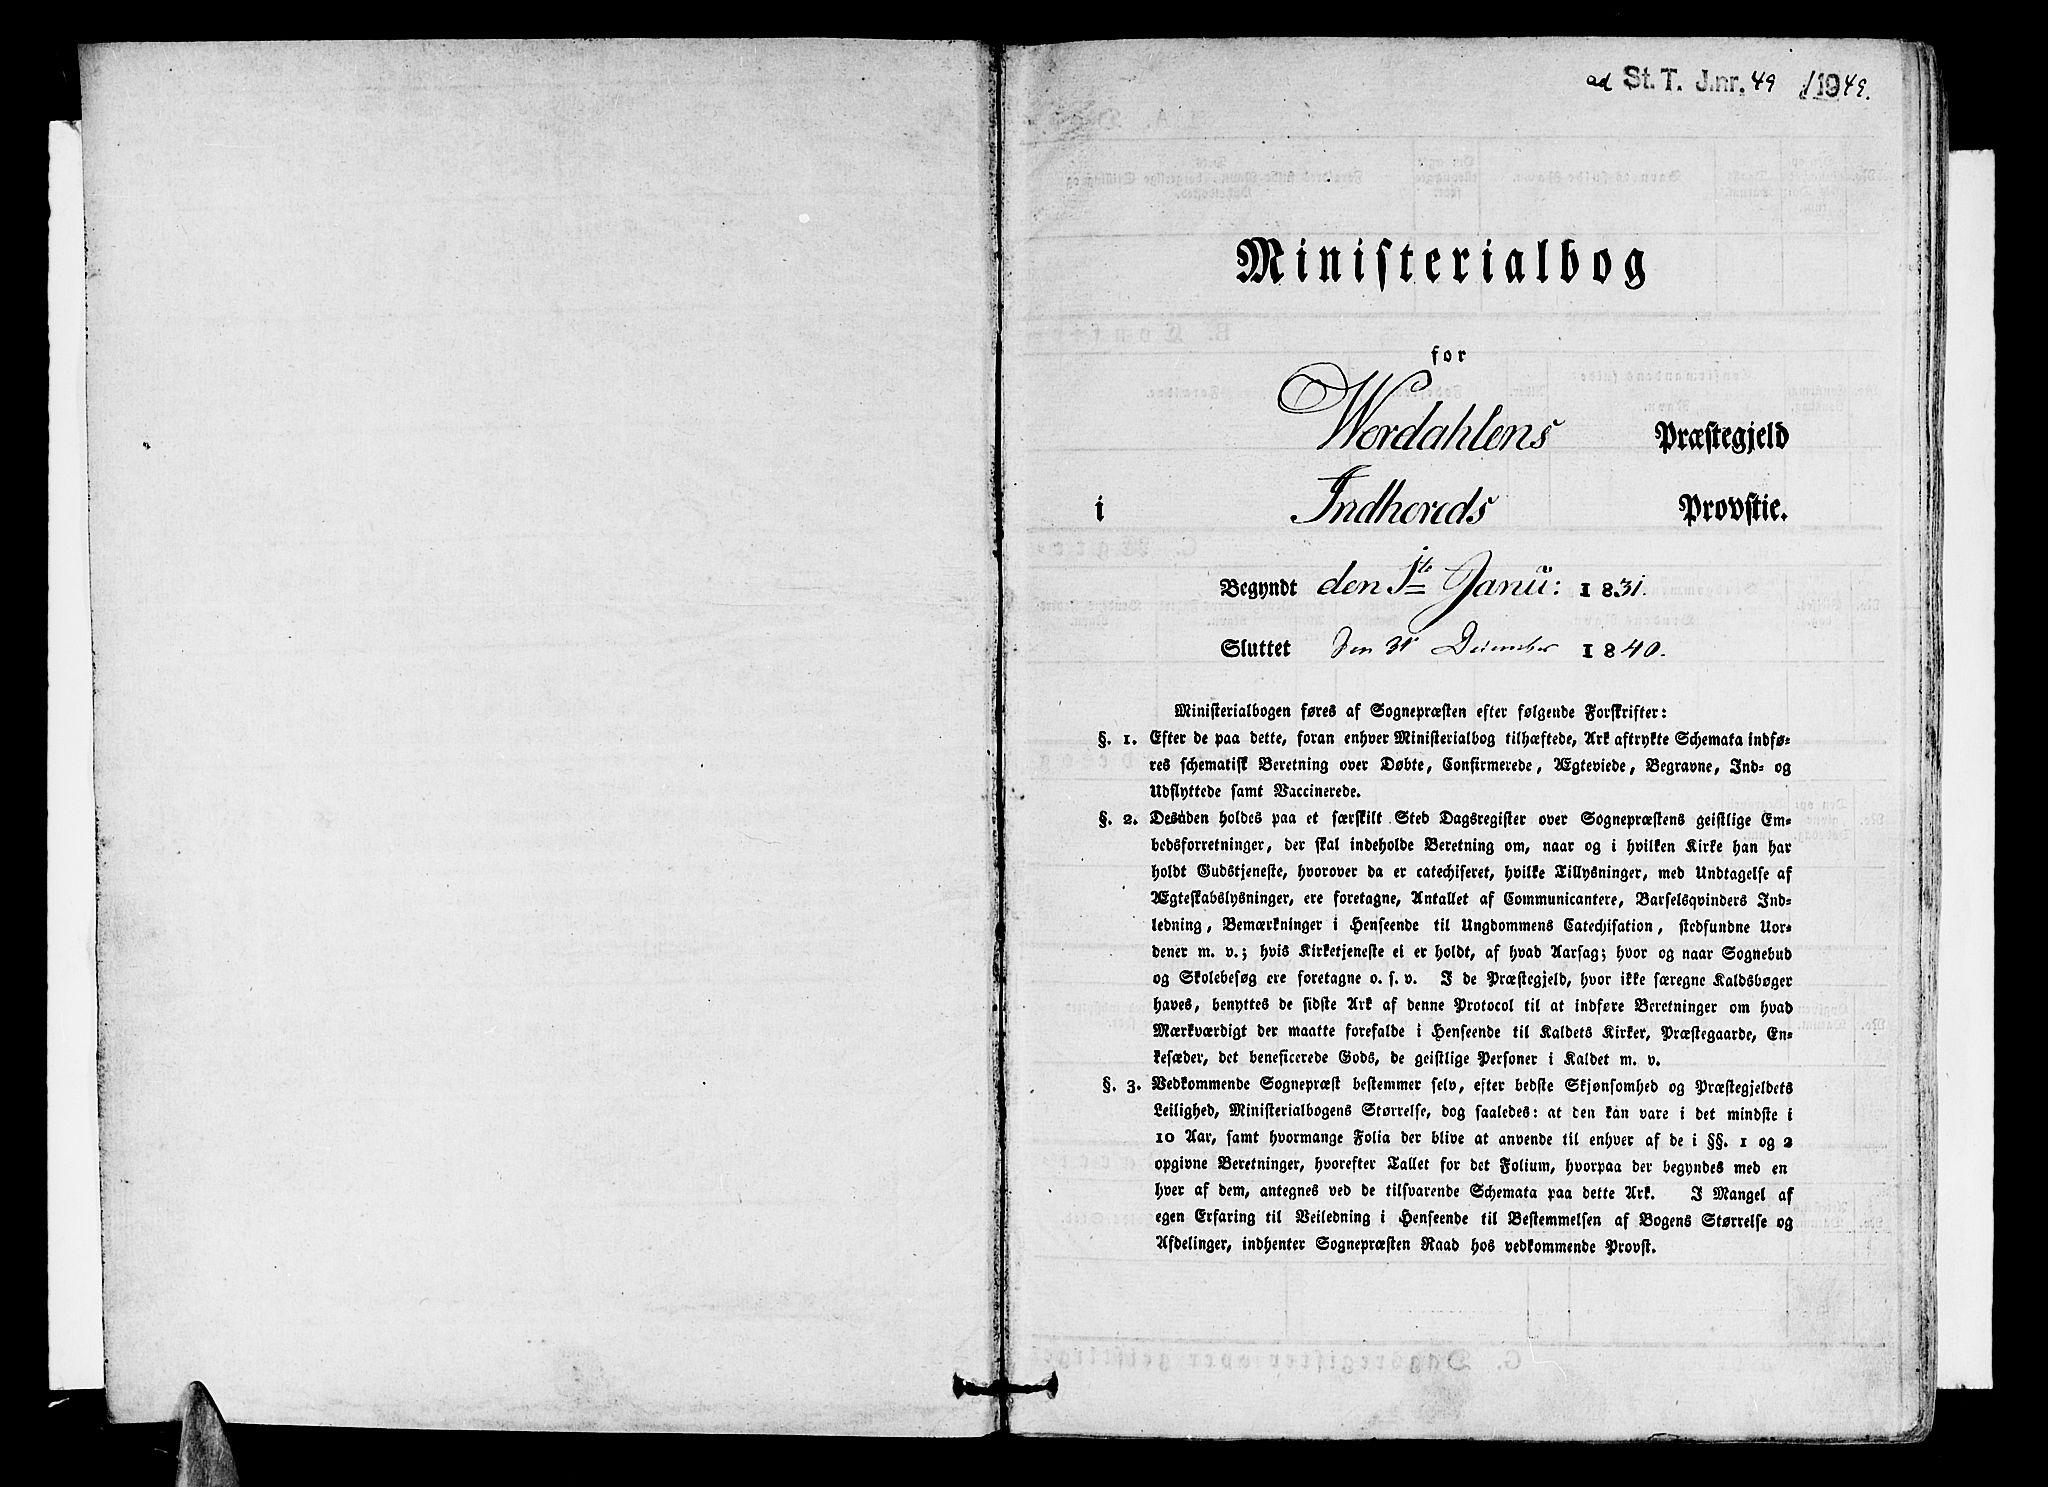 SAT, Ministerialprotokoller, klokkerbøker og fødselsregistre - Nord-Trøndelag, 723/L0238: Ministerialbok nr. 723A07, 1831-1840